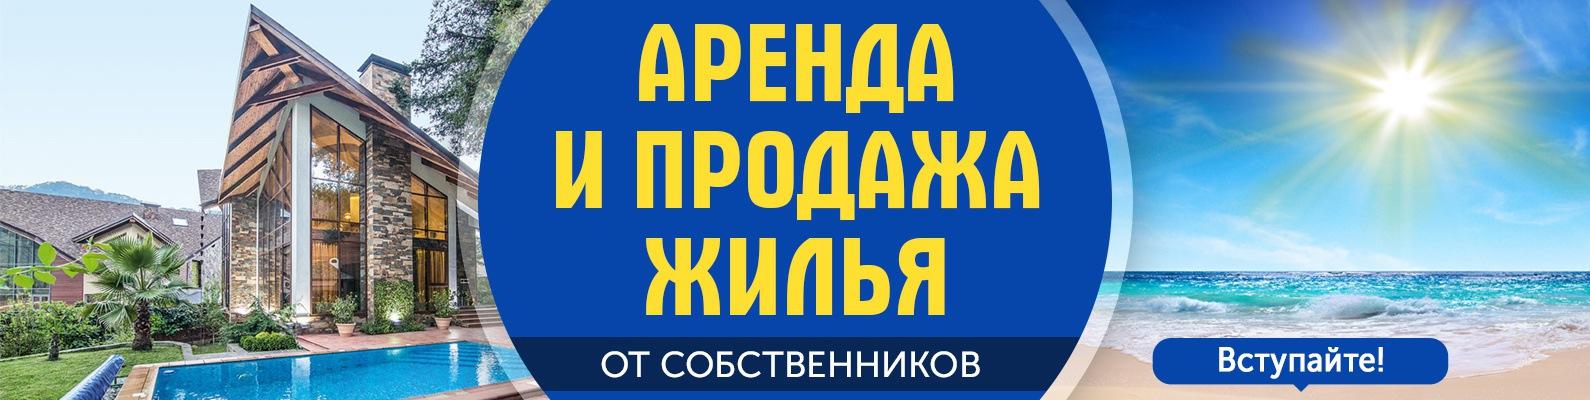 Москве какой праститутка попкам дает